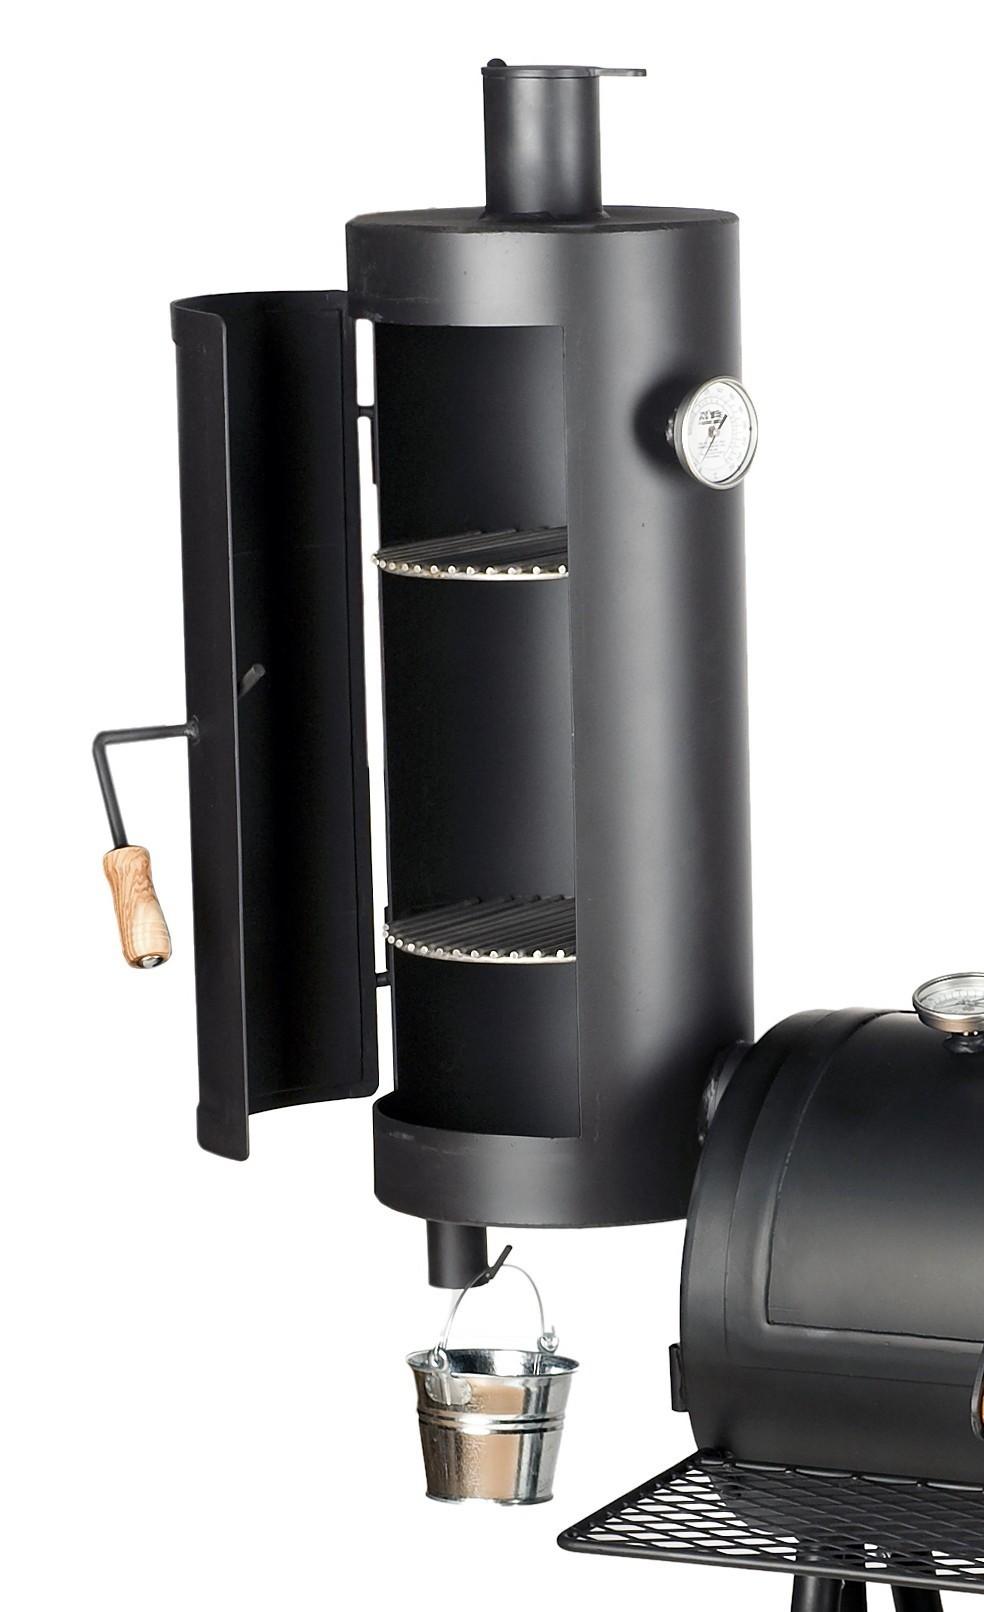 """Räucheraufsatz / Warmhalteaufsatz für JOE`S Barbeque Smoker 16"""" Bild 1"""